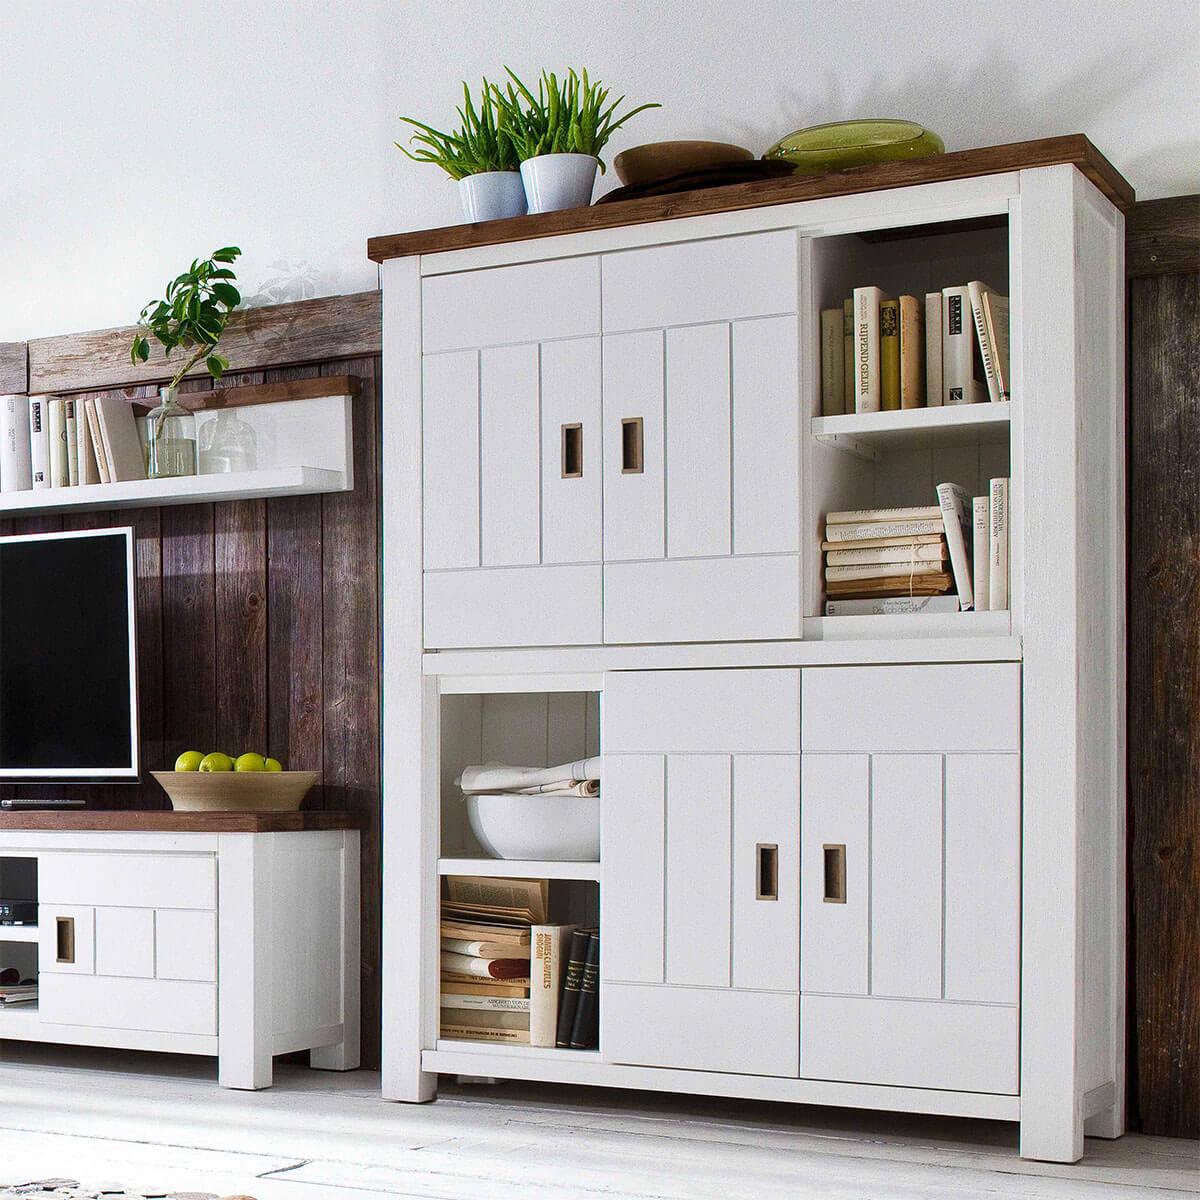 highboard havana in akazie massiv wei braun 125cm breit. Black Bedroom Furniture Sets. Home Design Ideas